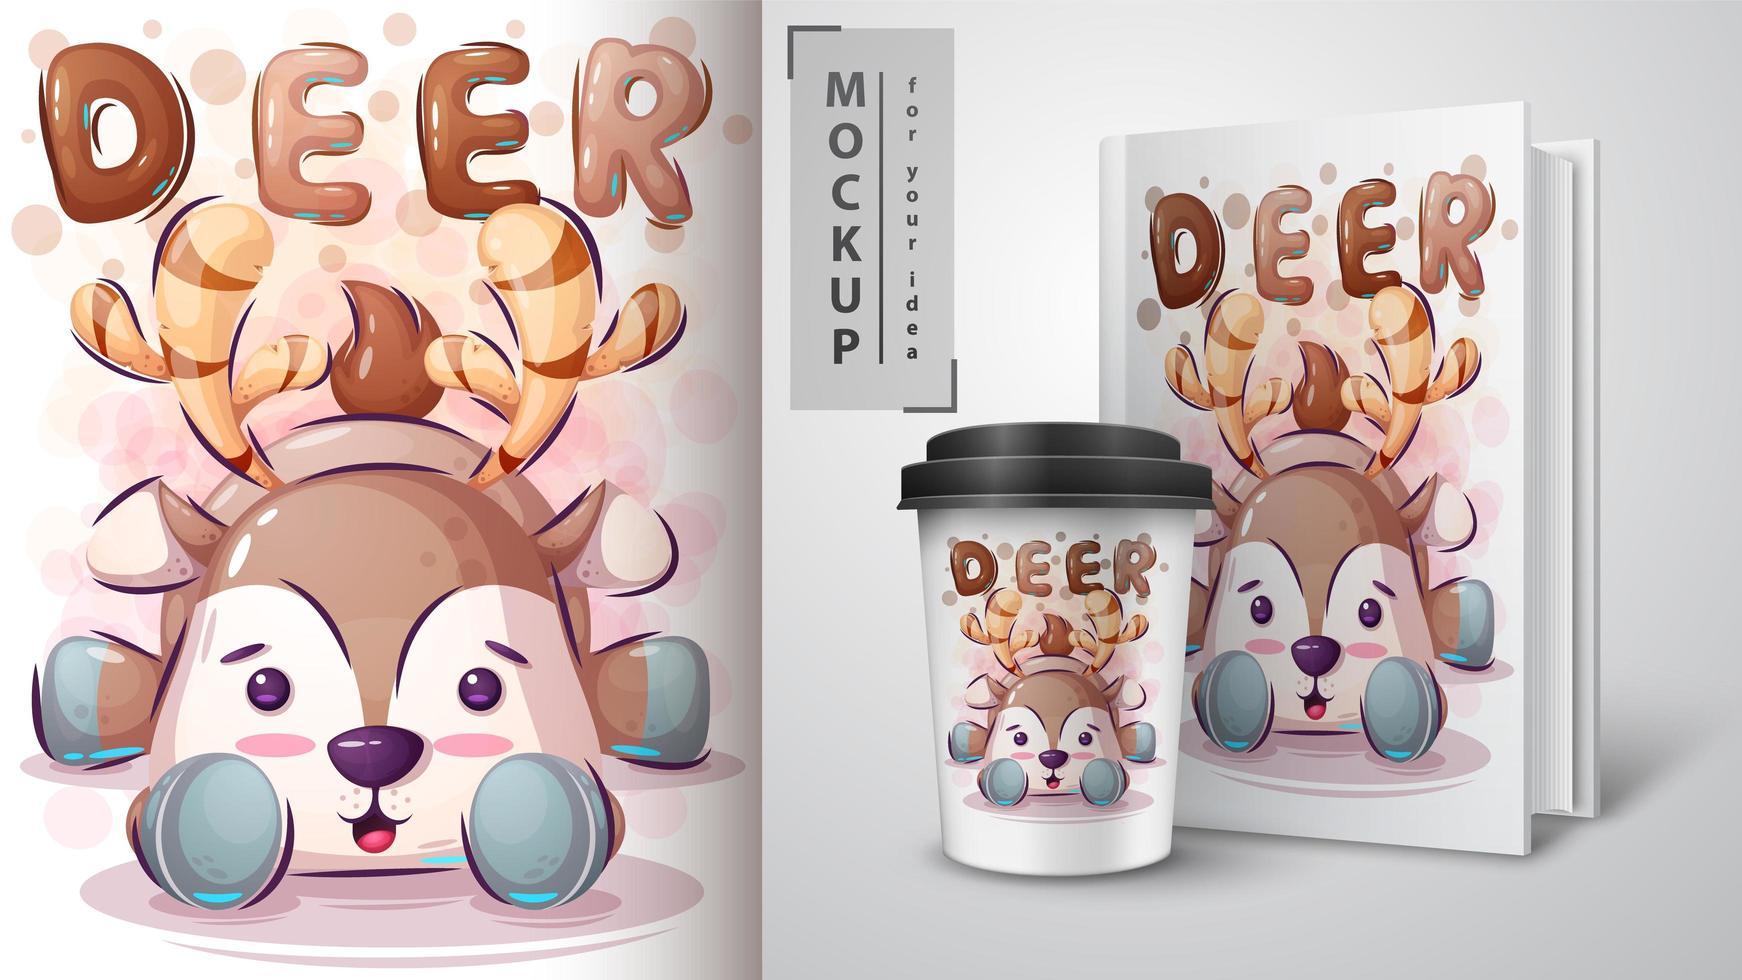 teddy dear poster y merchandising vector